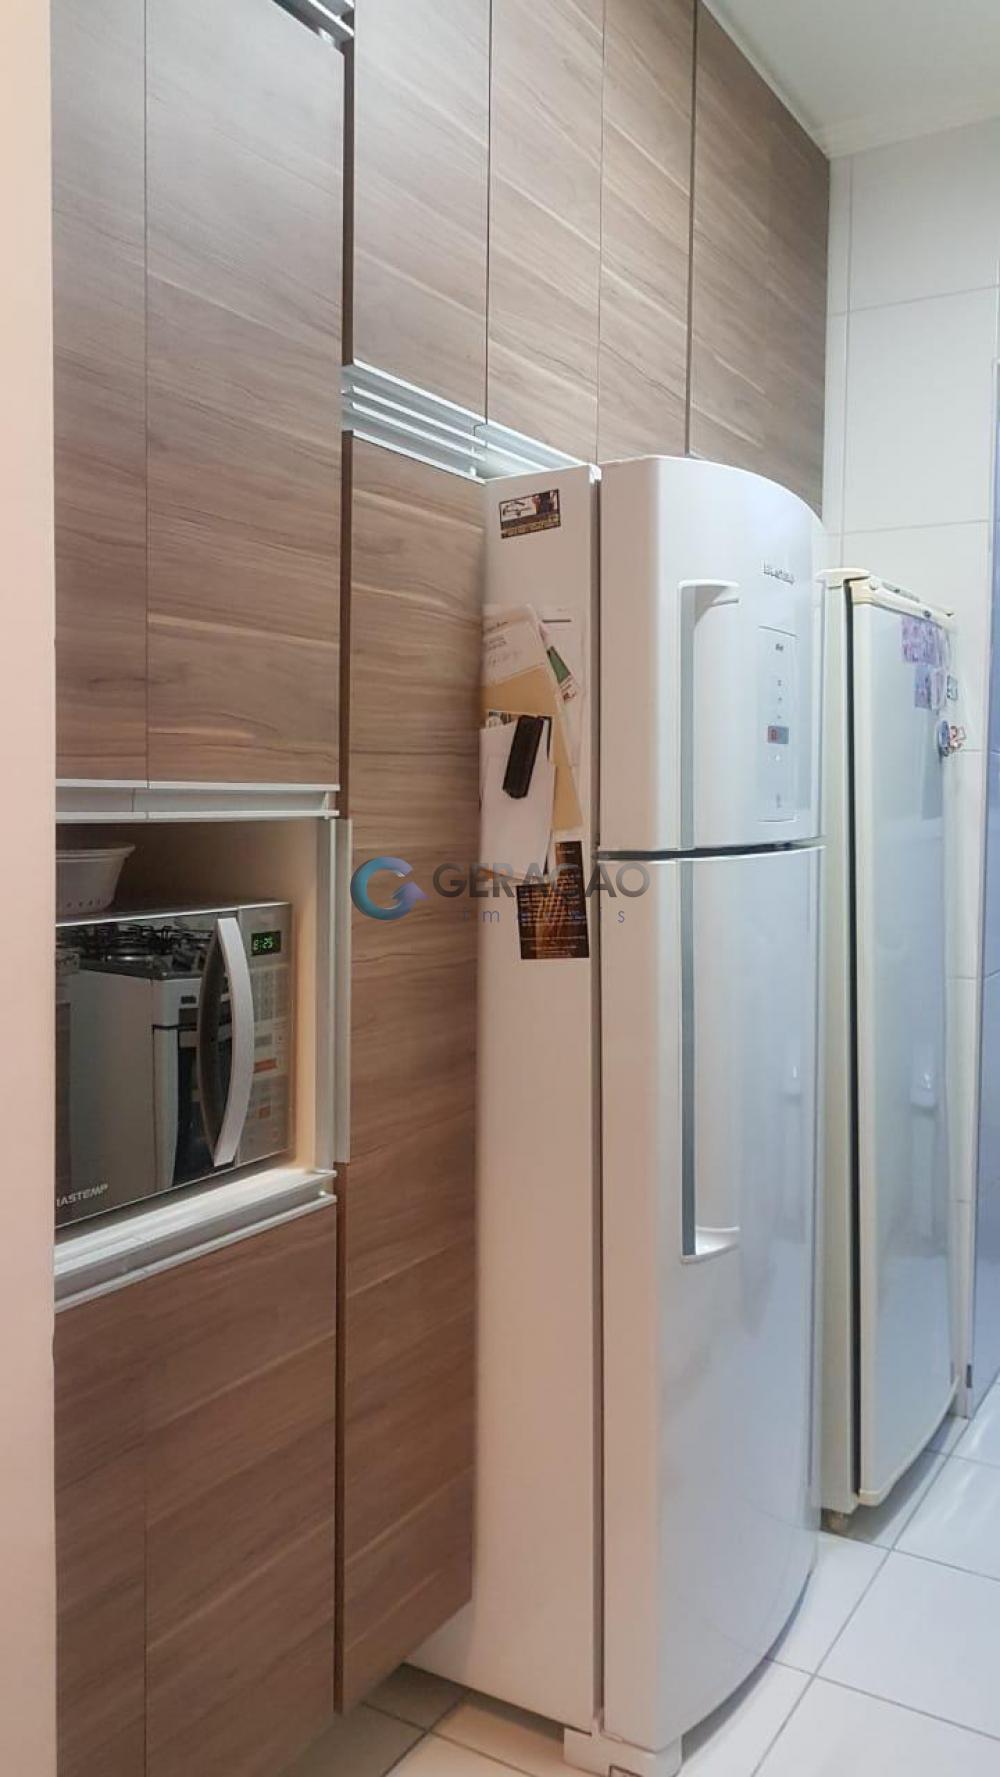 Comprar Apartamento / Padrão em São José dos Campos R$ 340.000,00 - Foto 16